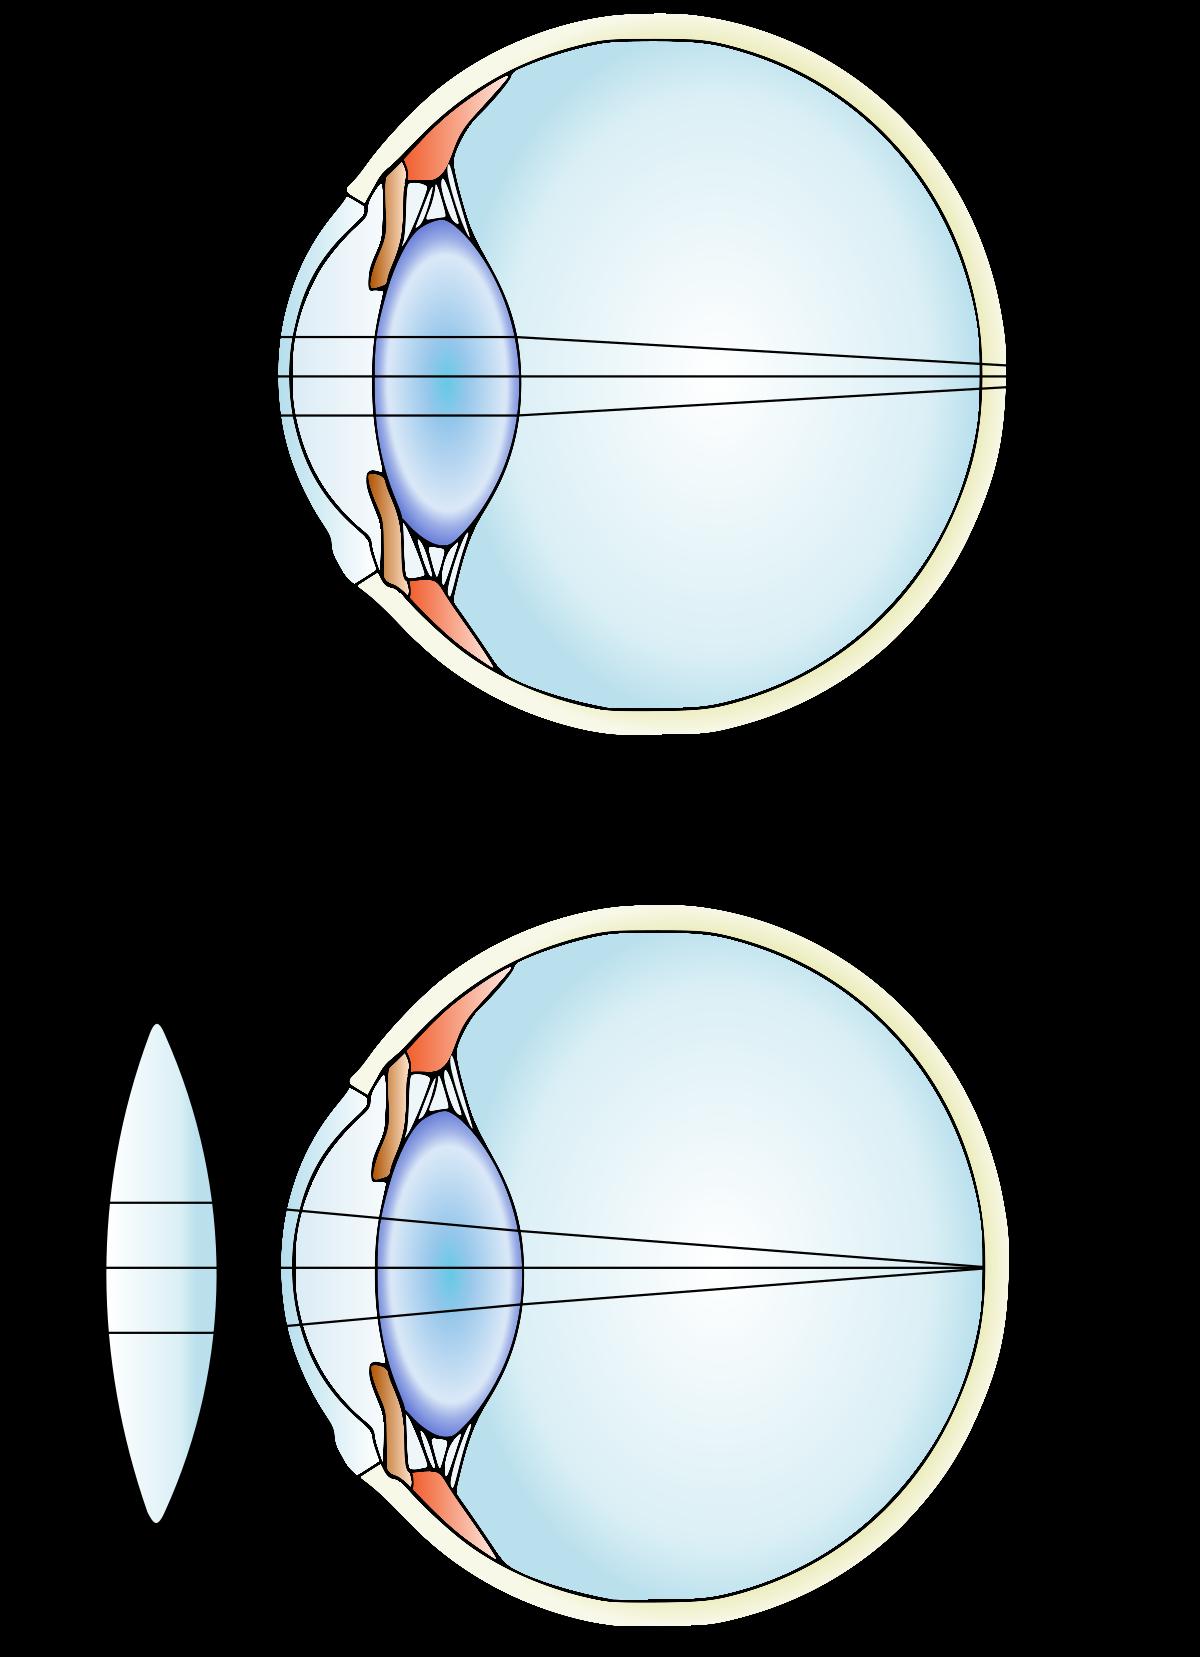 vision astigmatism myopia hyperopia xerophthalmia strabismus